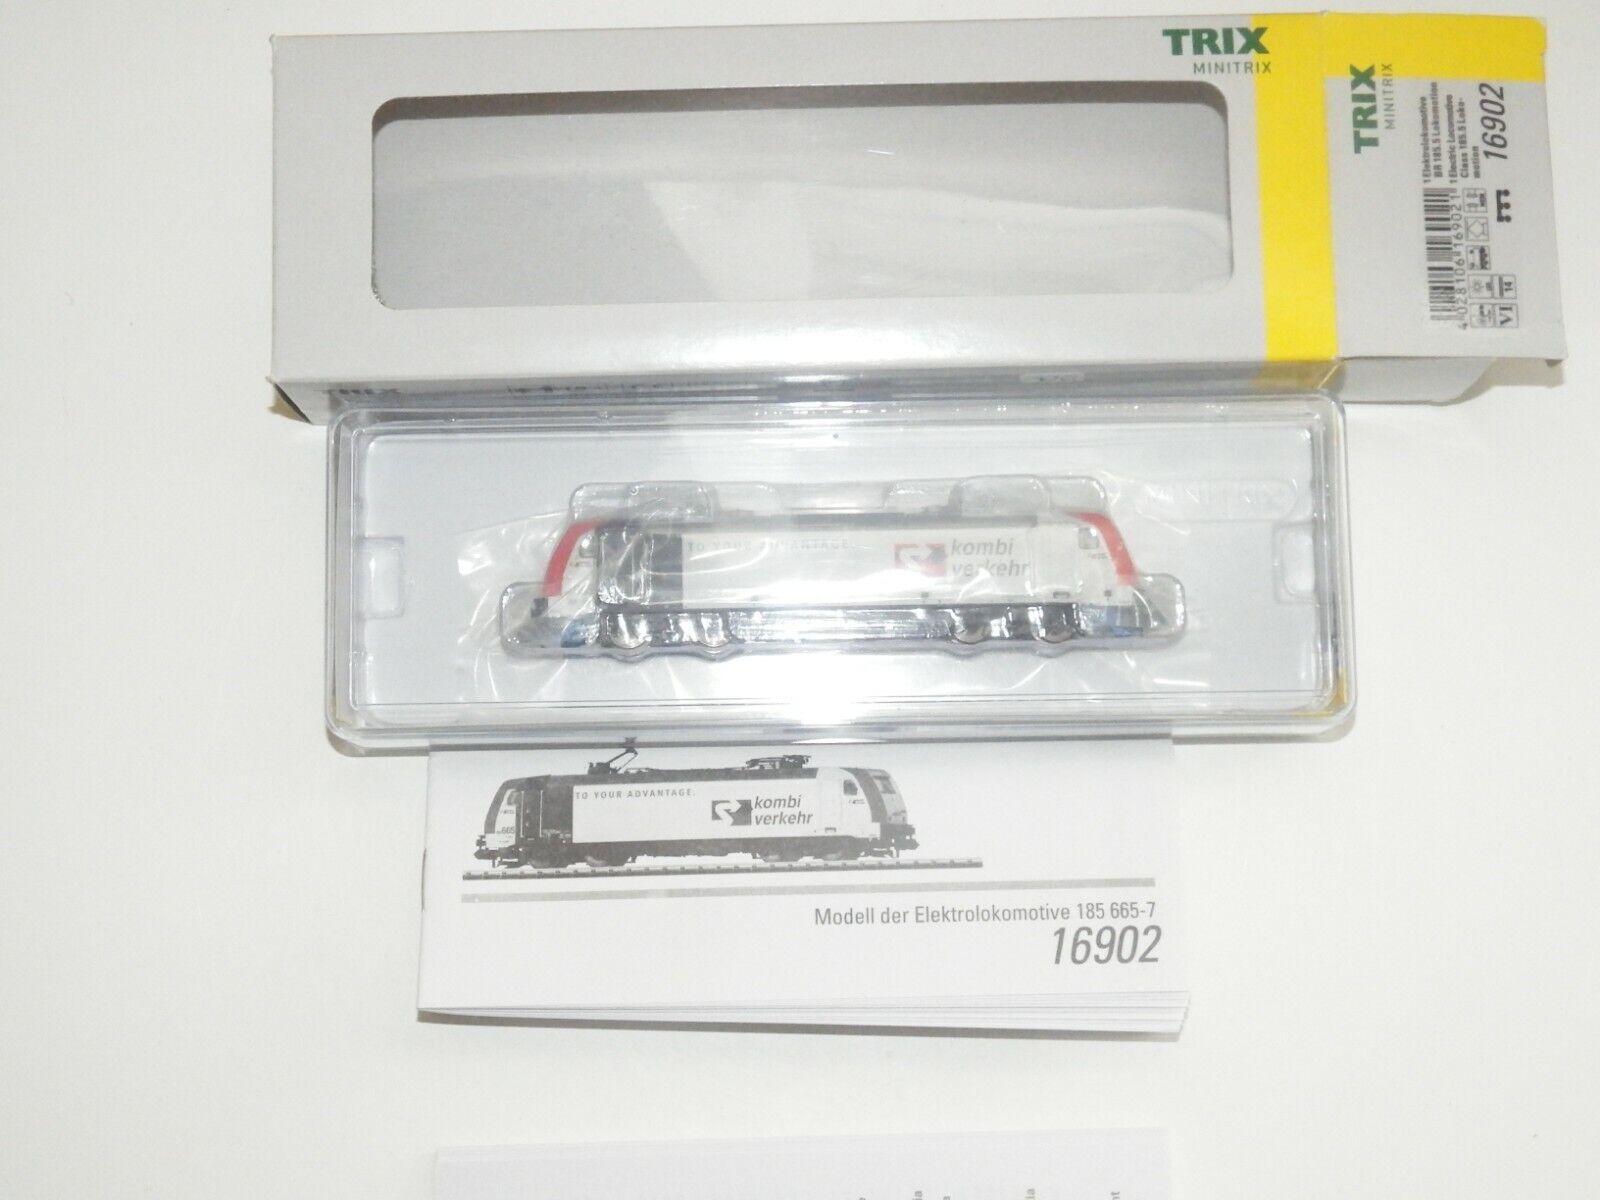 N Trix 16902 Locomotora Eléctrica Br 185 665-7 Familiar Tráfico Novedad Ovp 8009